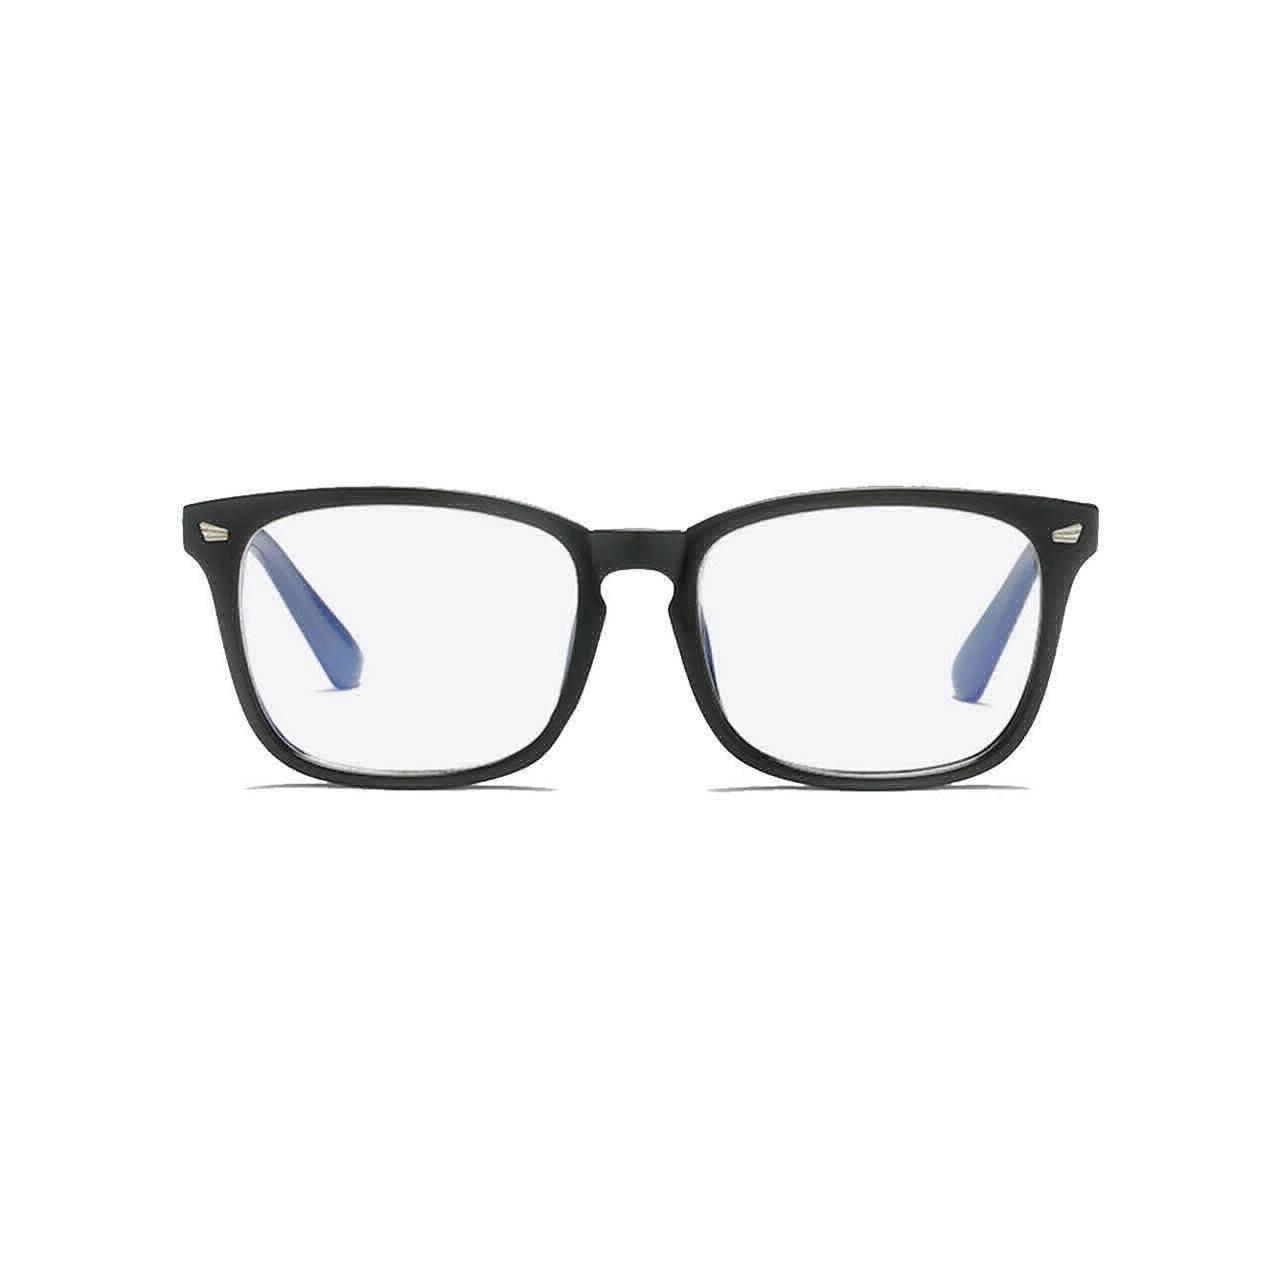 szemüveg kép